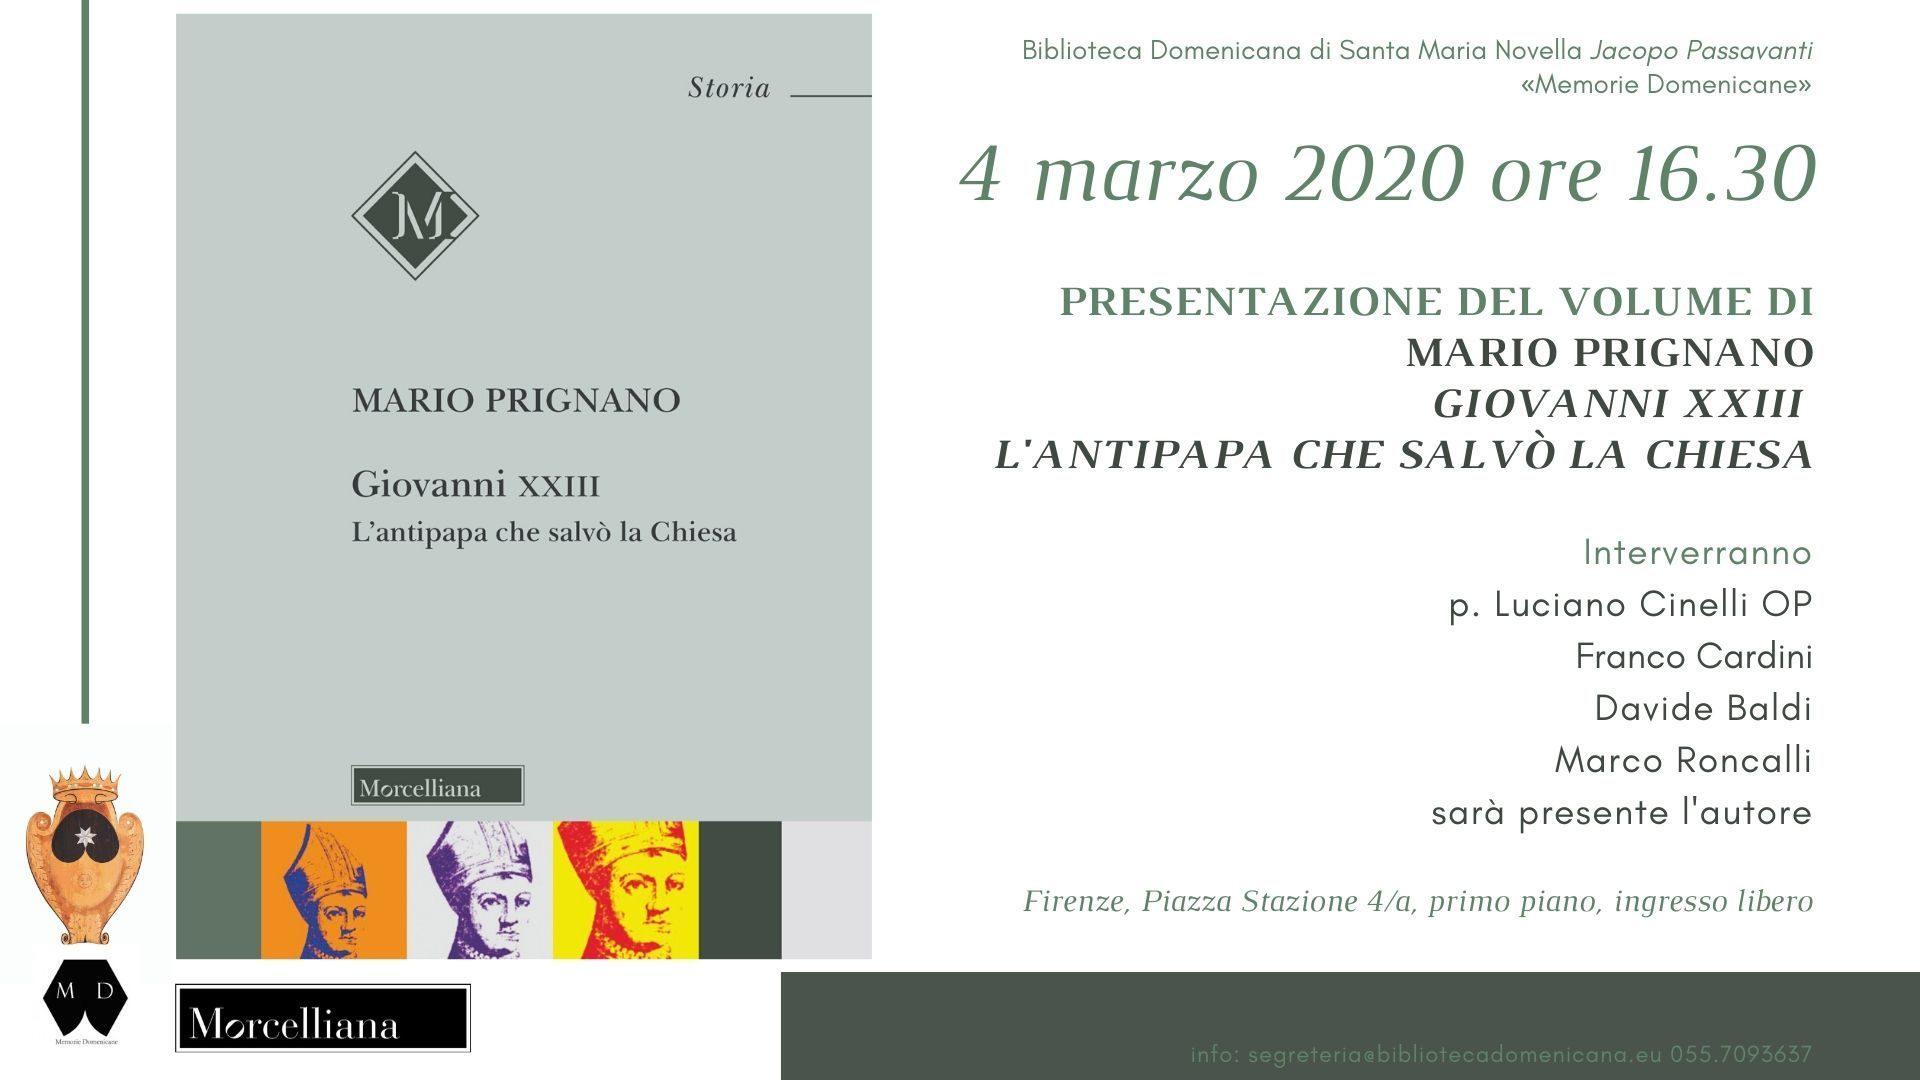 1579513091088_Prignano 4 marzo 2020.jpg